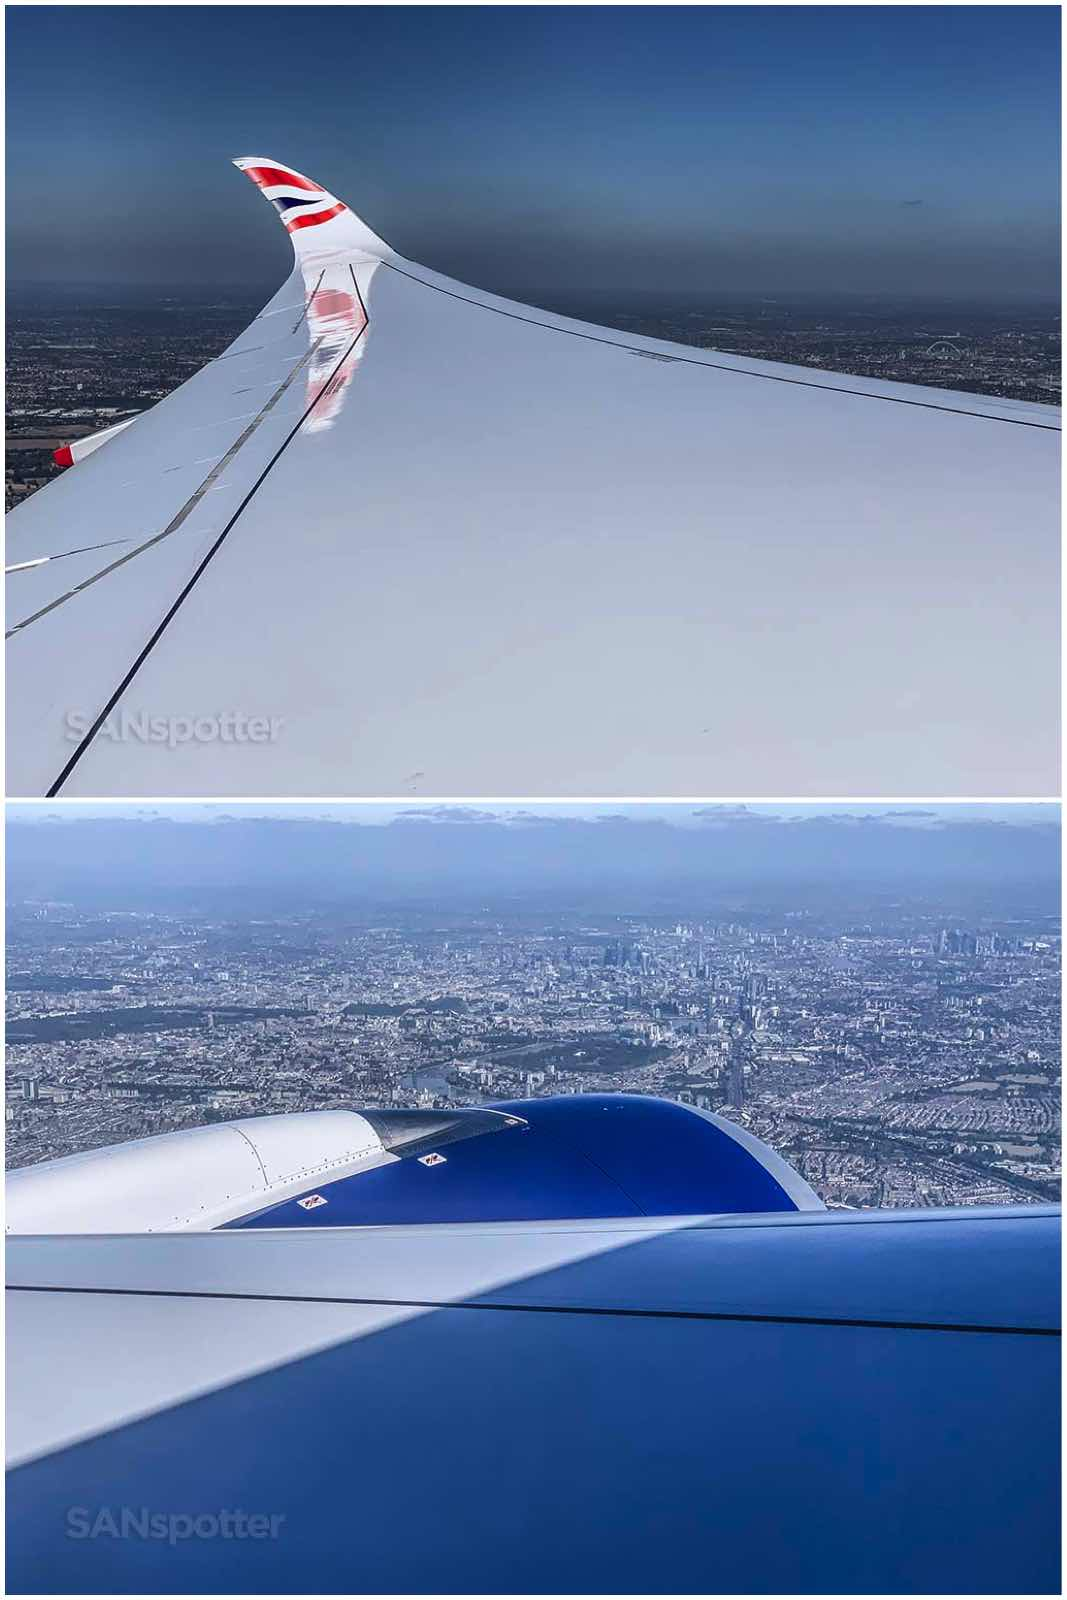 British Airways a350-1000 takeoff